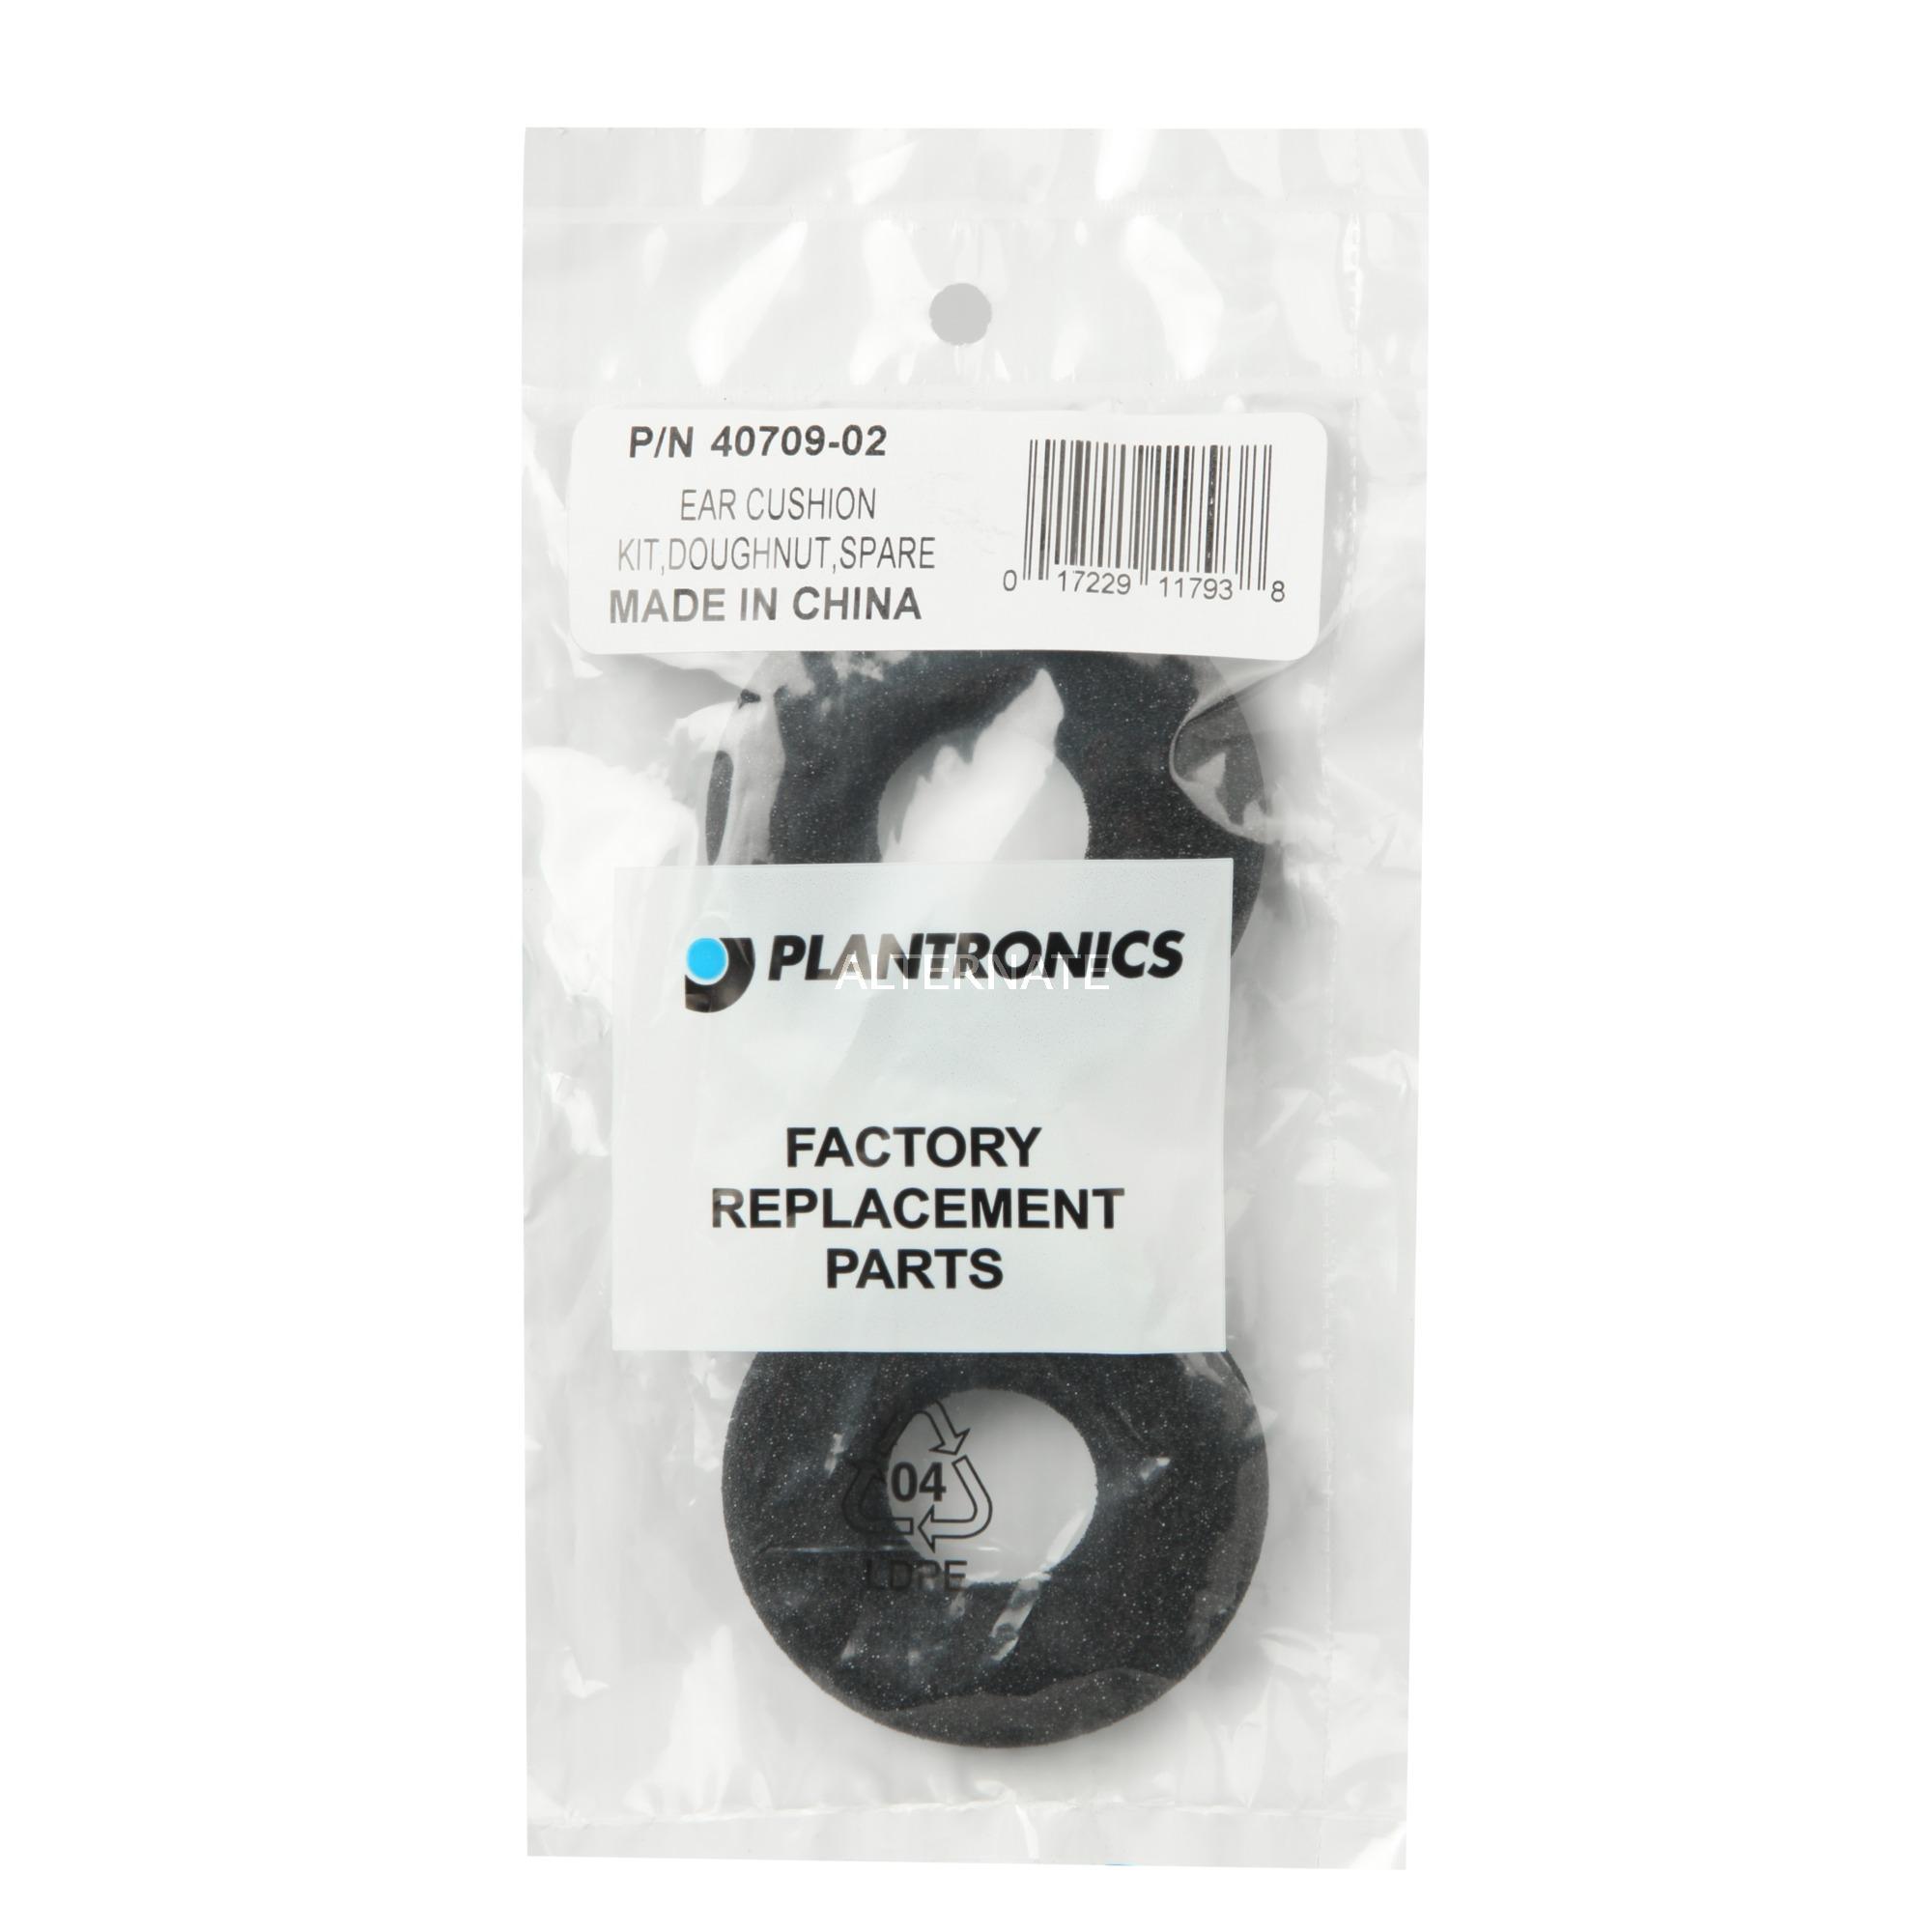 40709-02 almohadilla para auriculares Negro 2 pieza(s), Piezas de repuesto